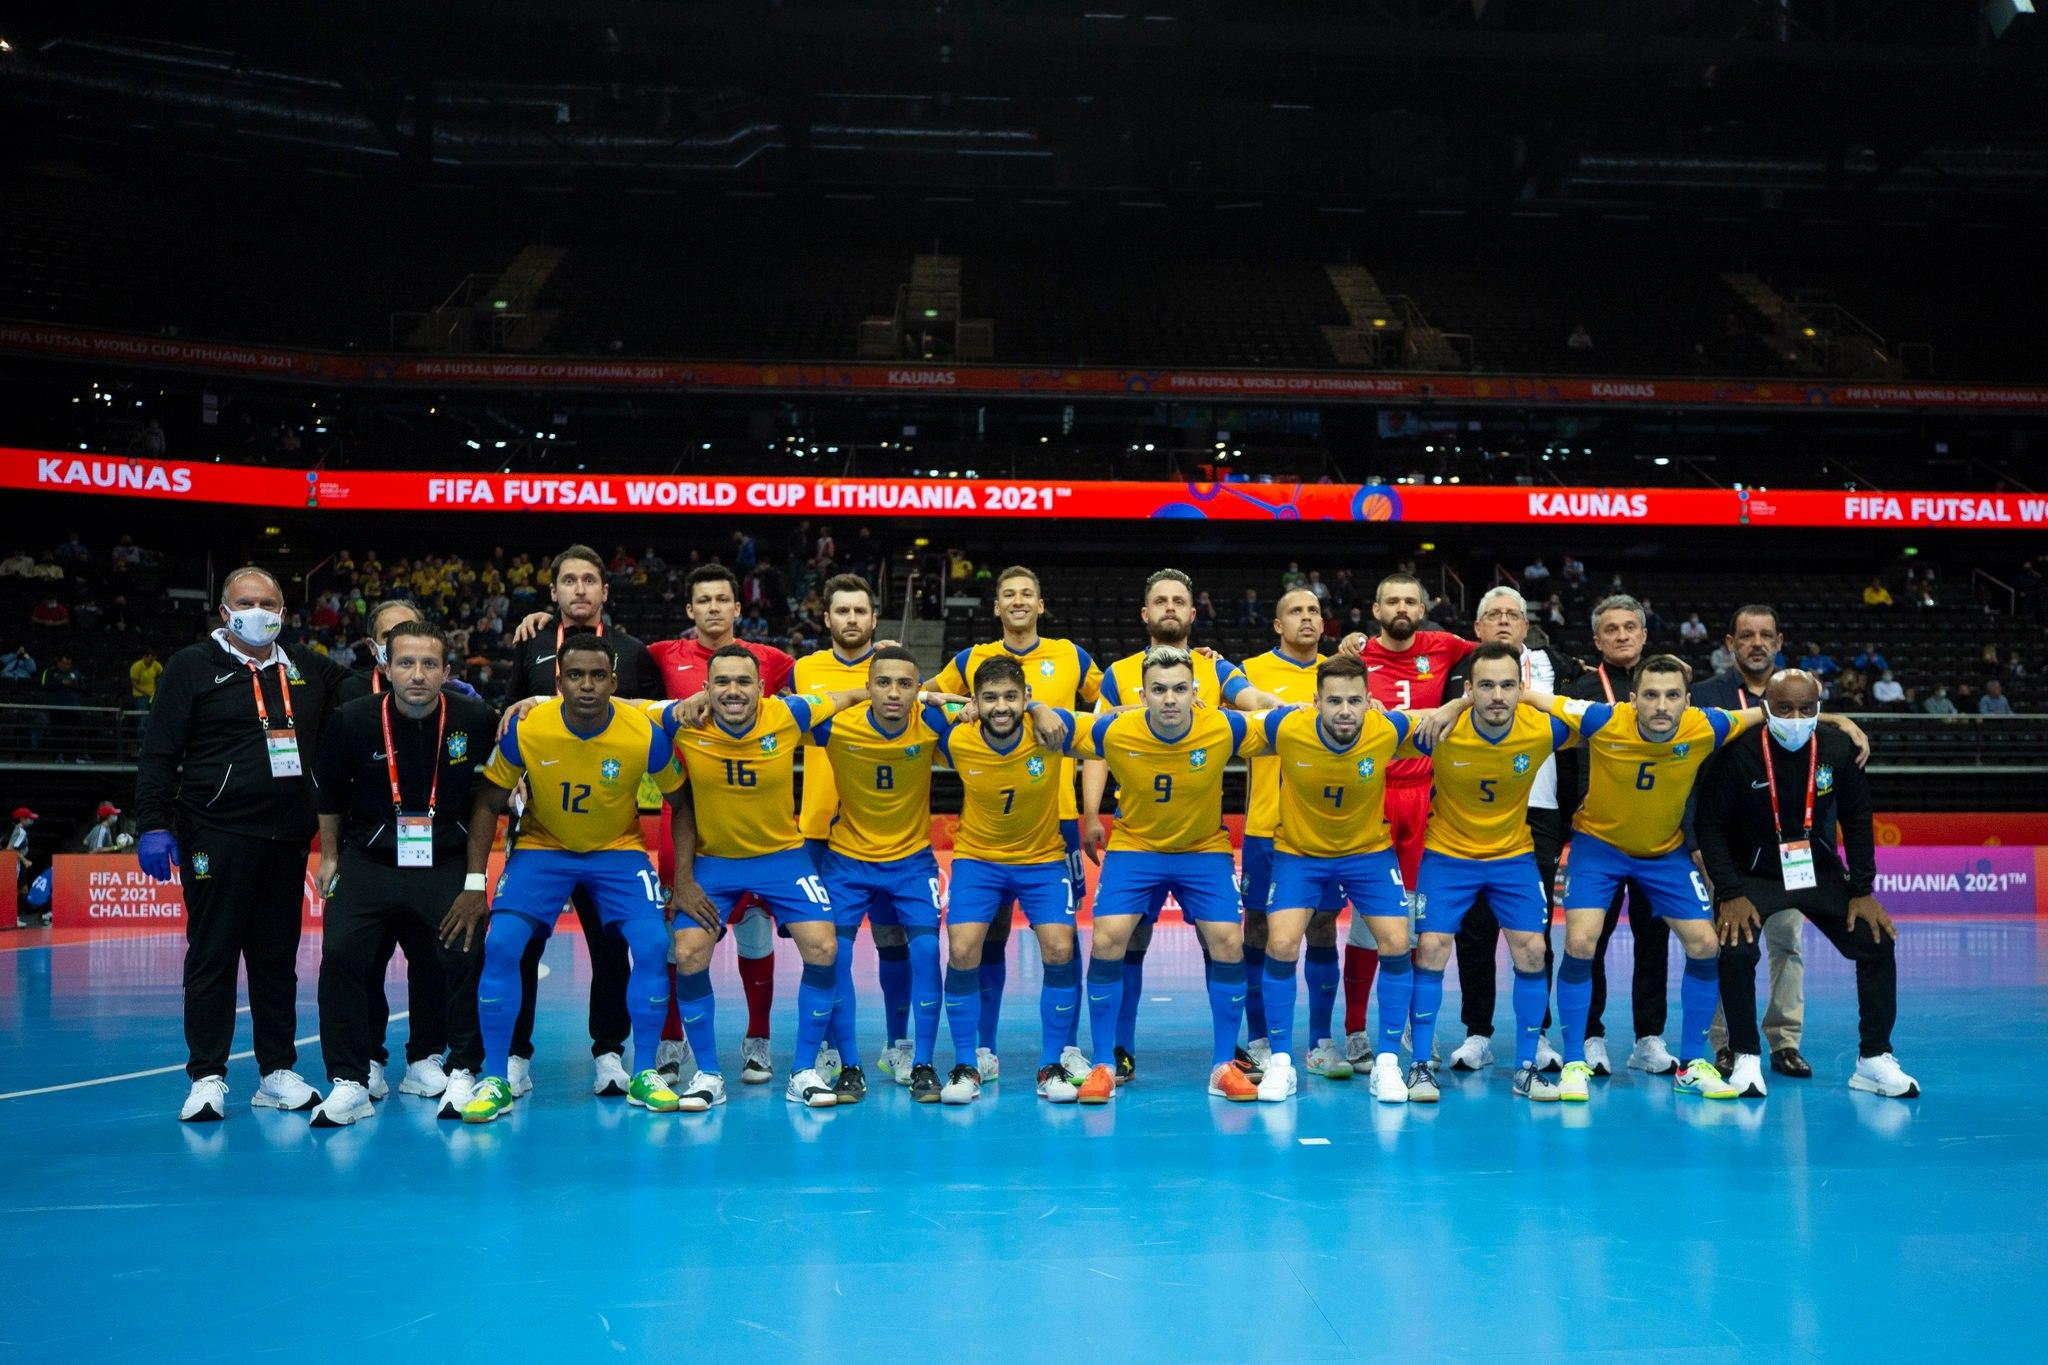 Brasil e Argentina farão a semifinal do Mundial de Futsal nesta quarta-feira